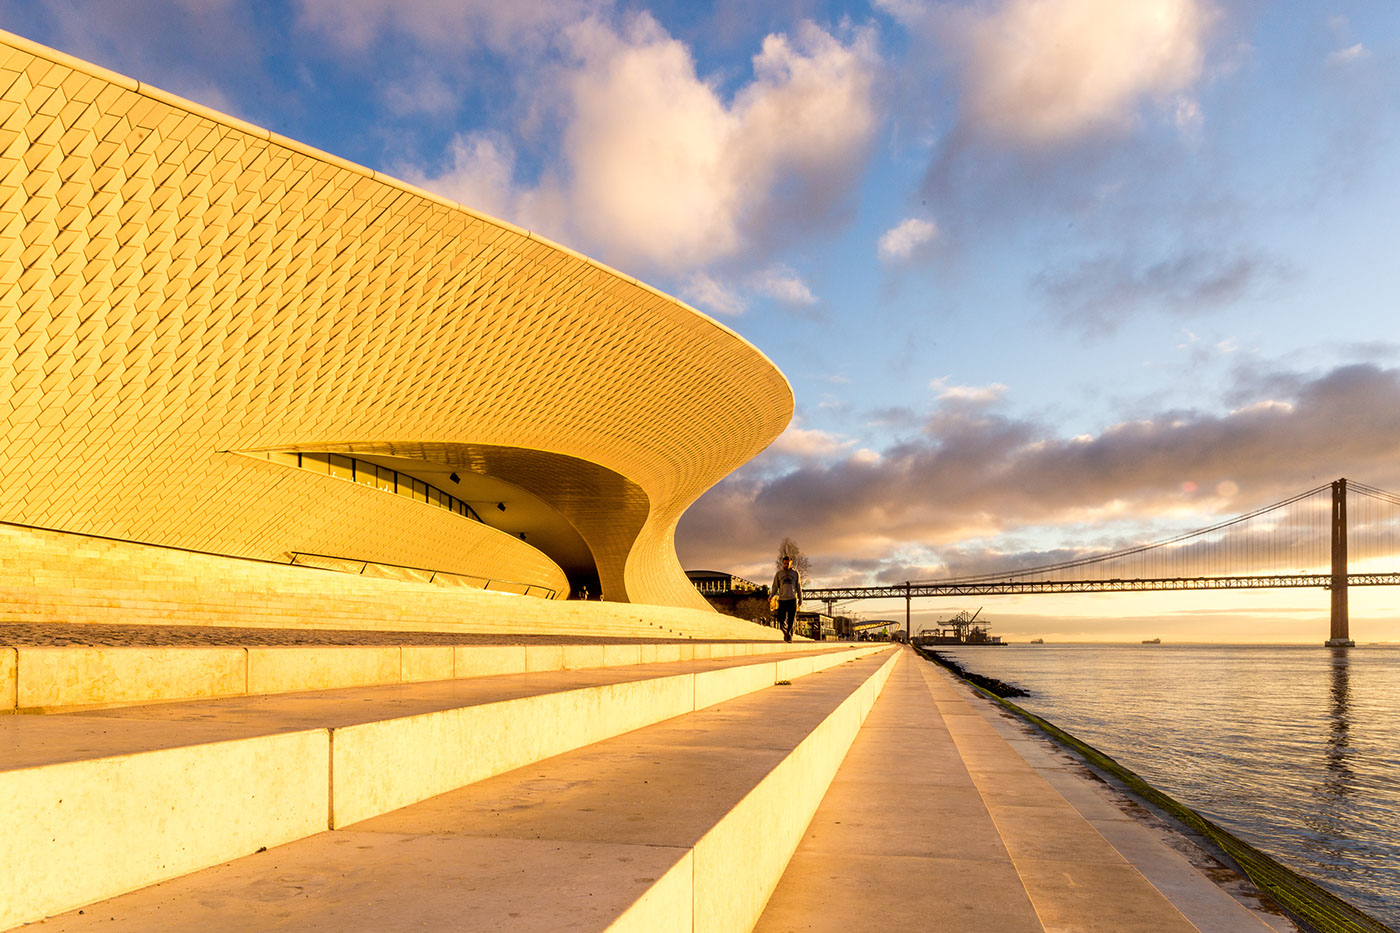 building architecture texture pattern Portugal shapes design Lisbon long exposure gradient